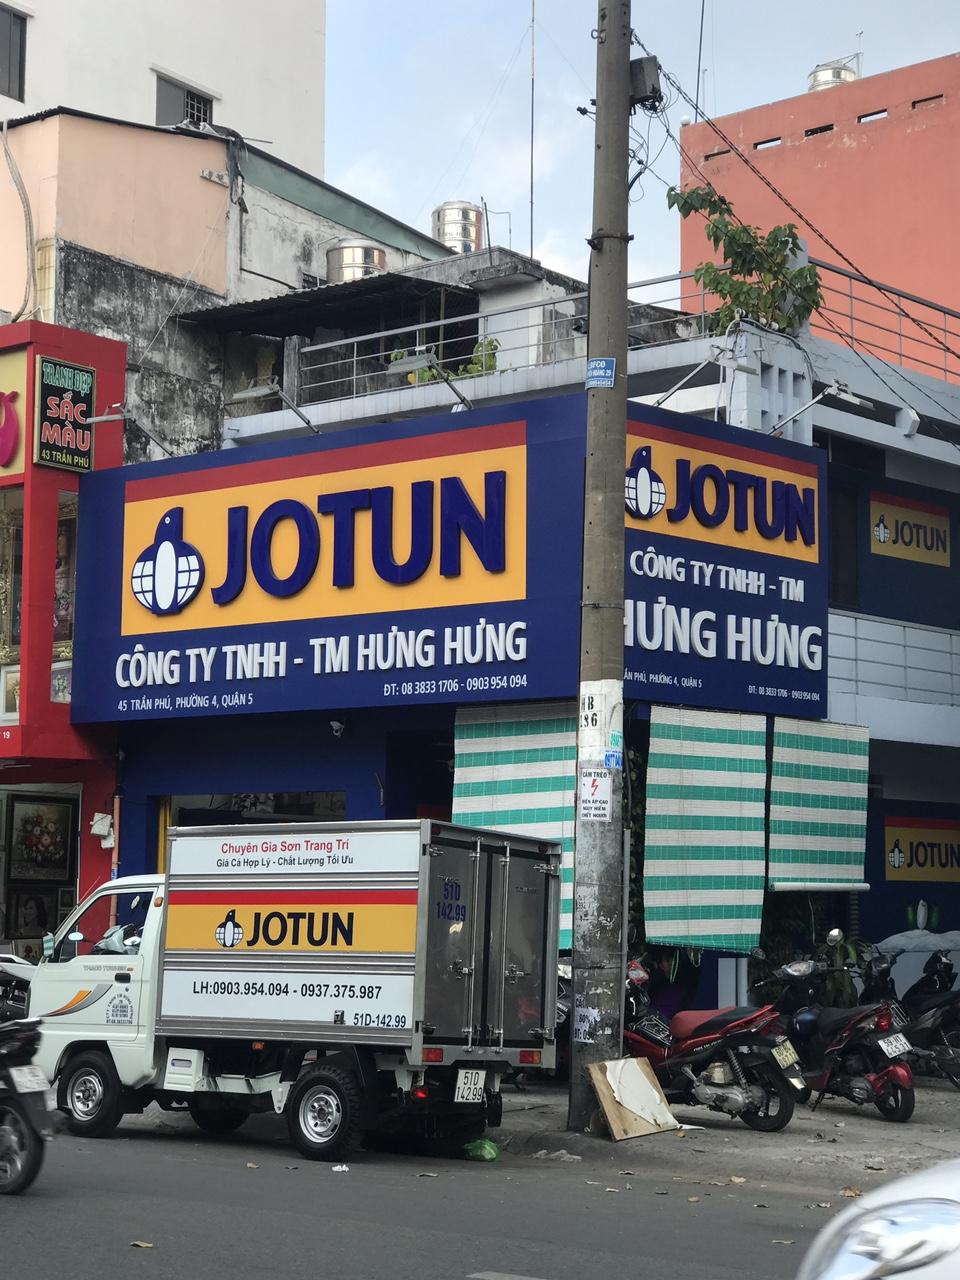 Tại sao phải mua Sơn Jotun ở Trung tâm pha màu chính hãng.